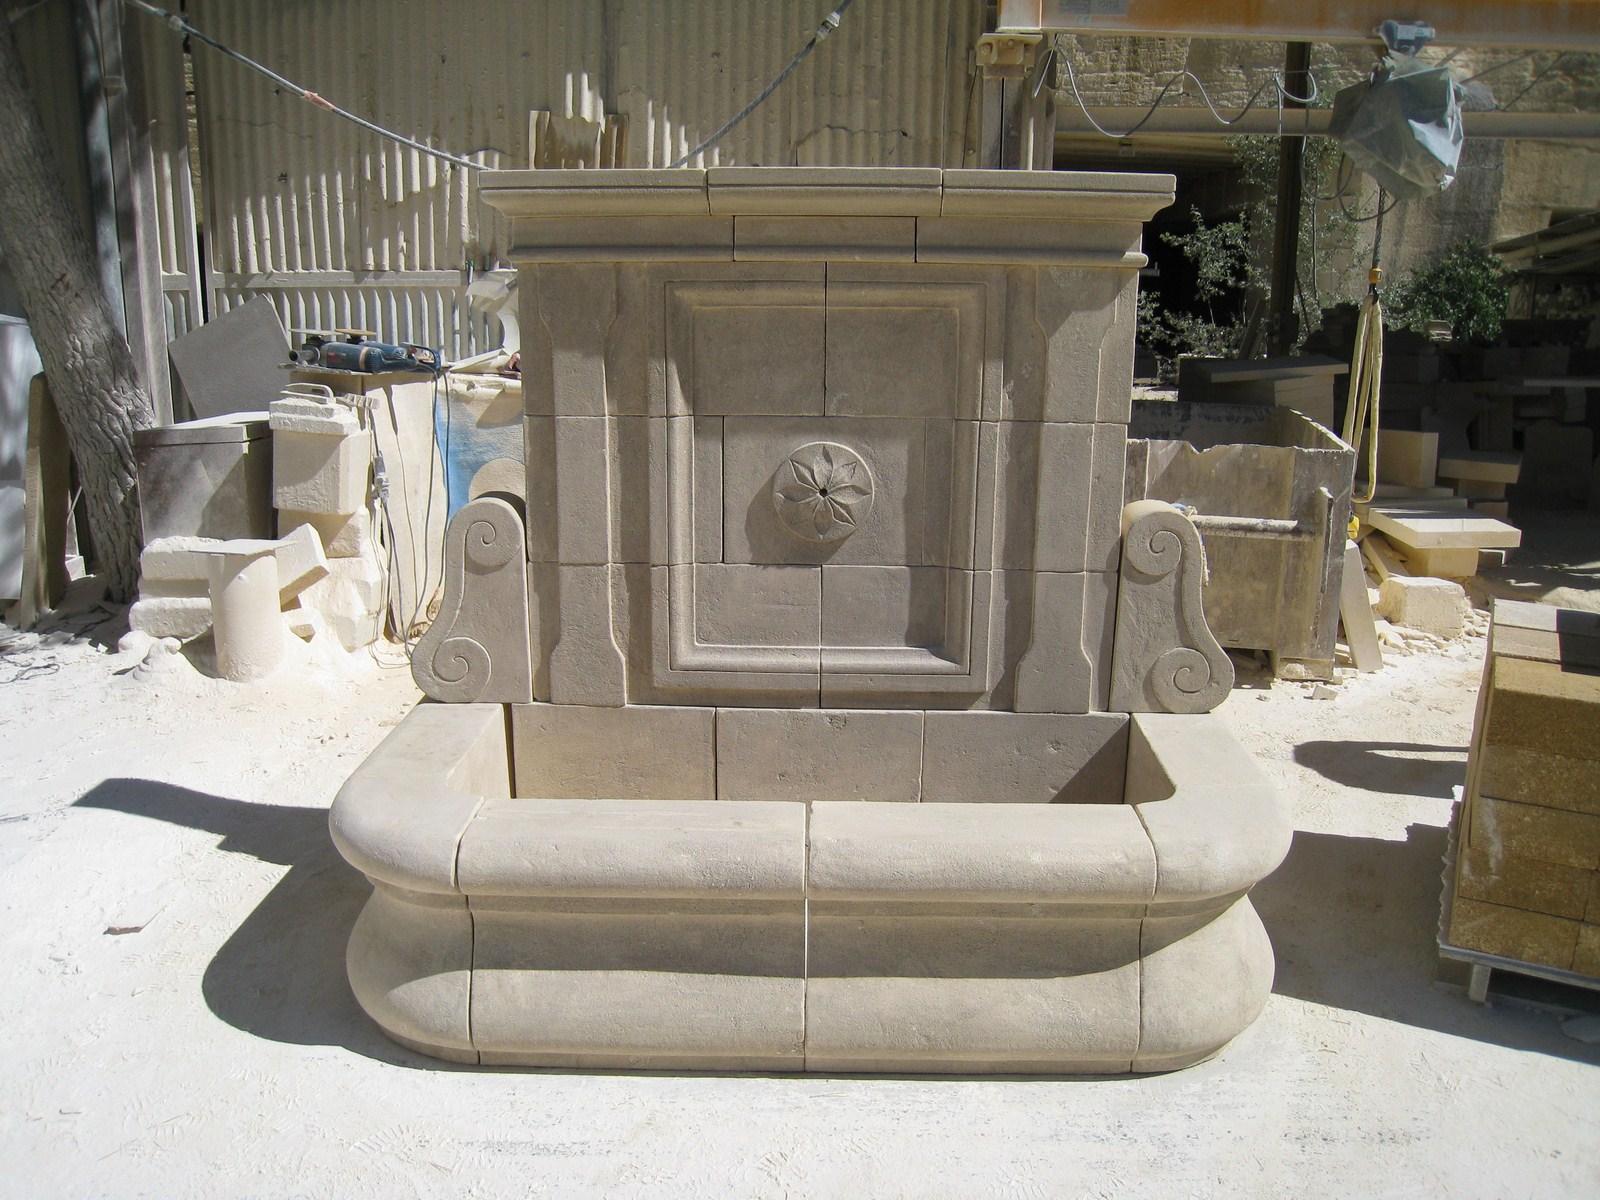 fabrication et pose d 39 une fontaine patin e en pierre naturelle saint r my de provence. Black Bedroom Furniture Sets. Home Design Ideas